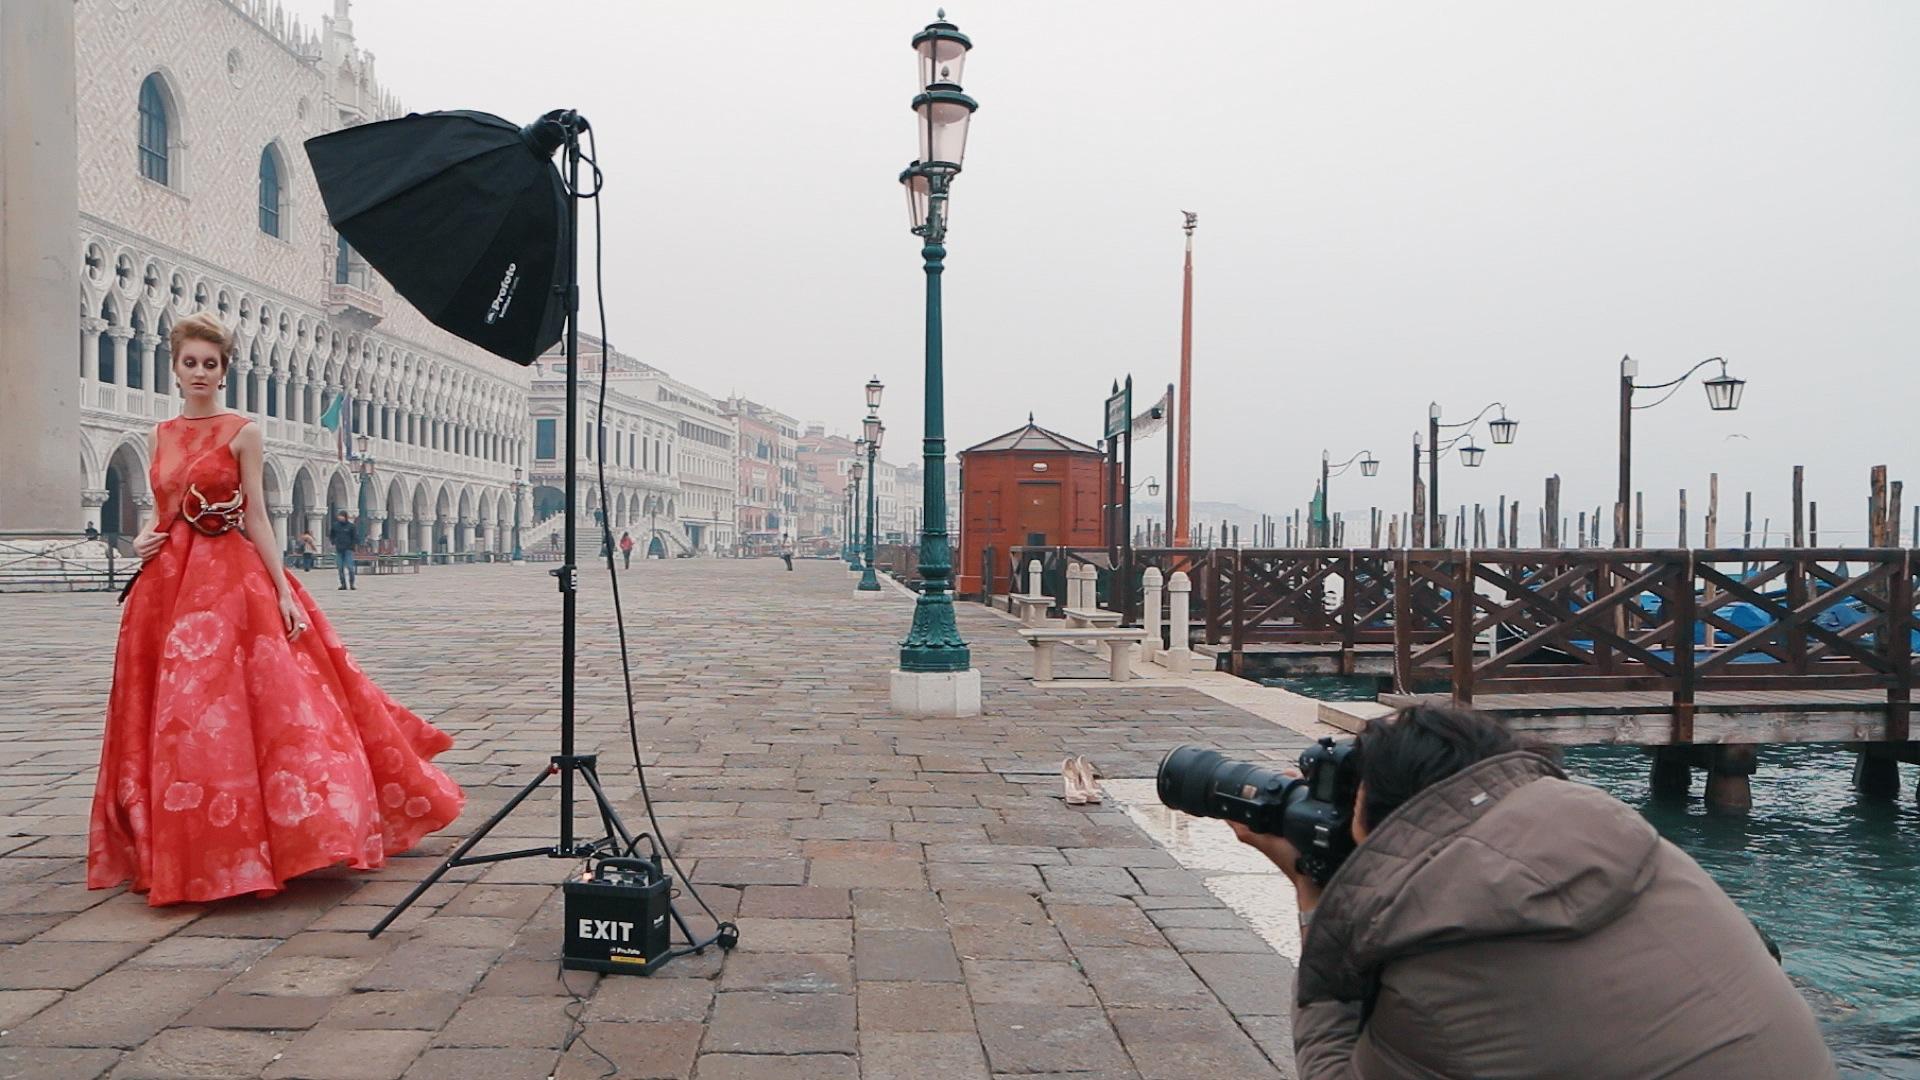 foto bts venezia 10